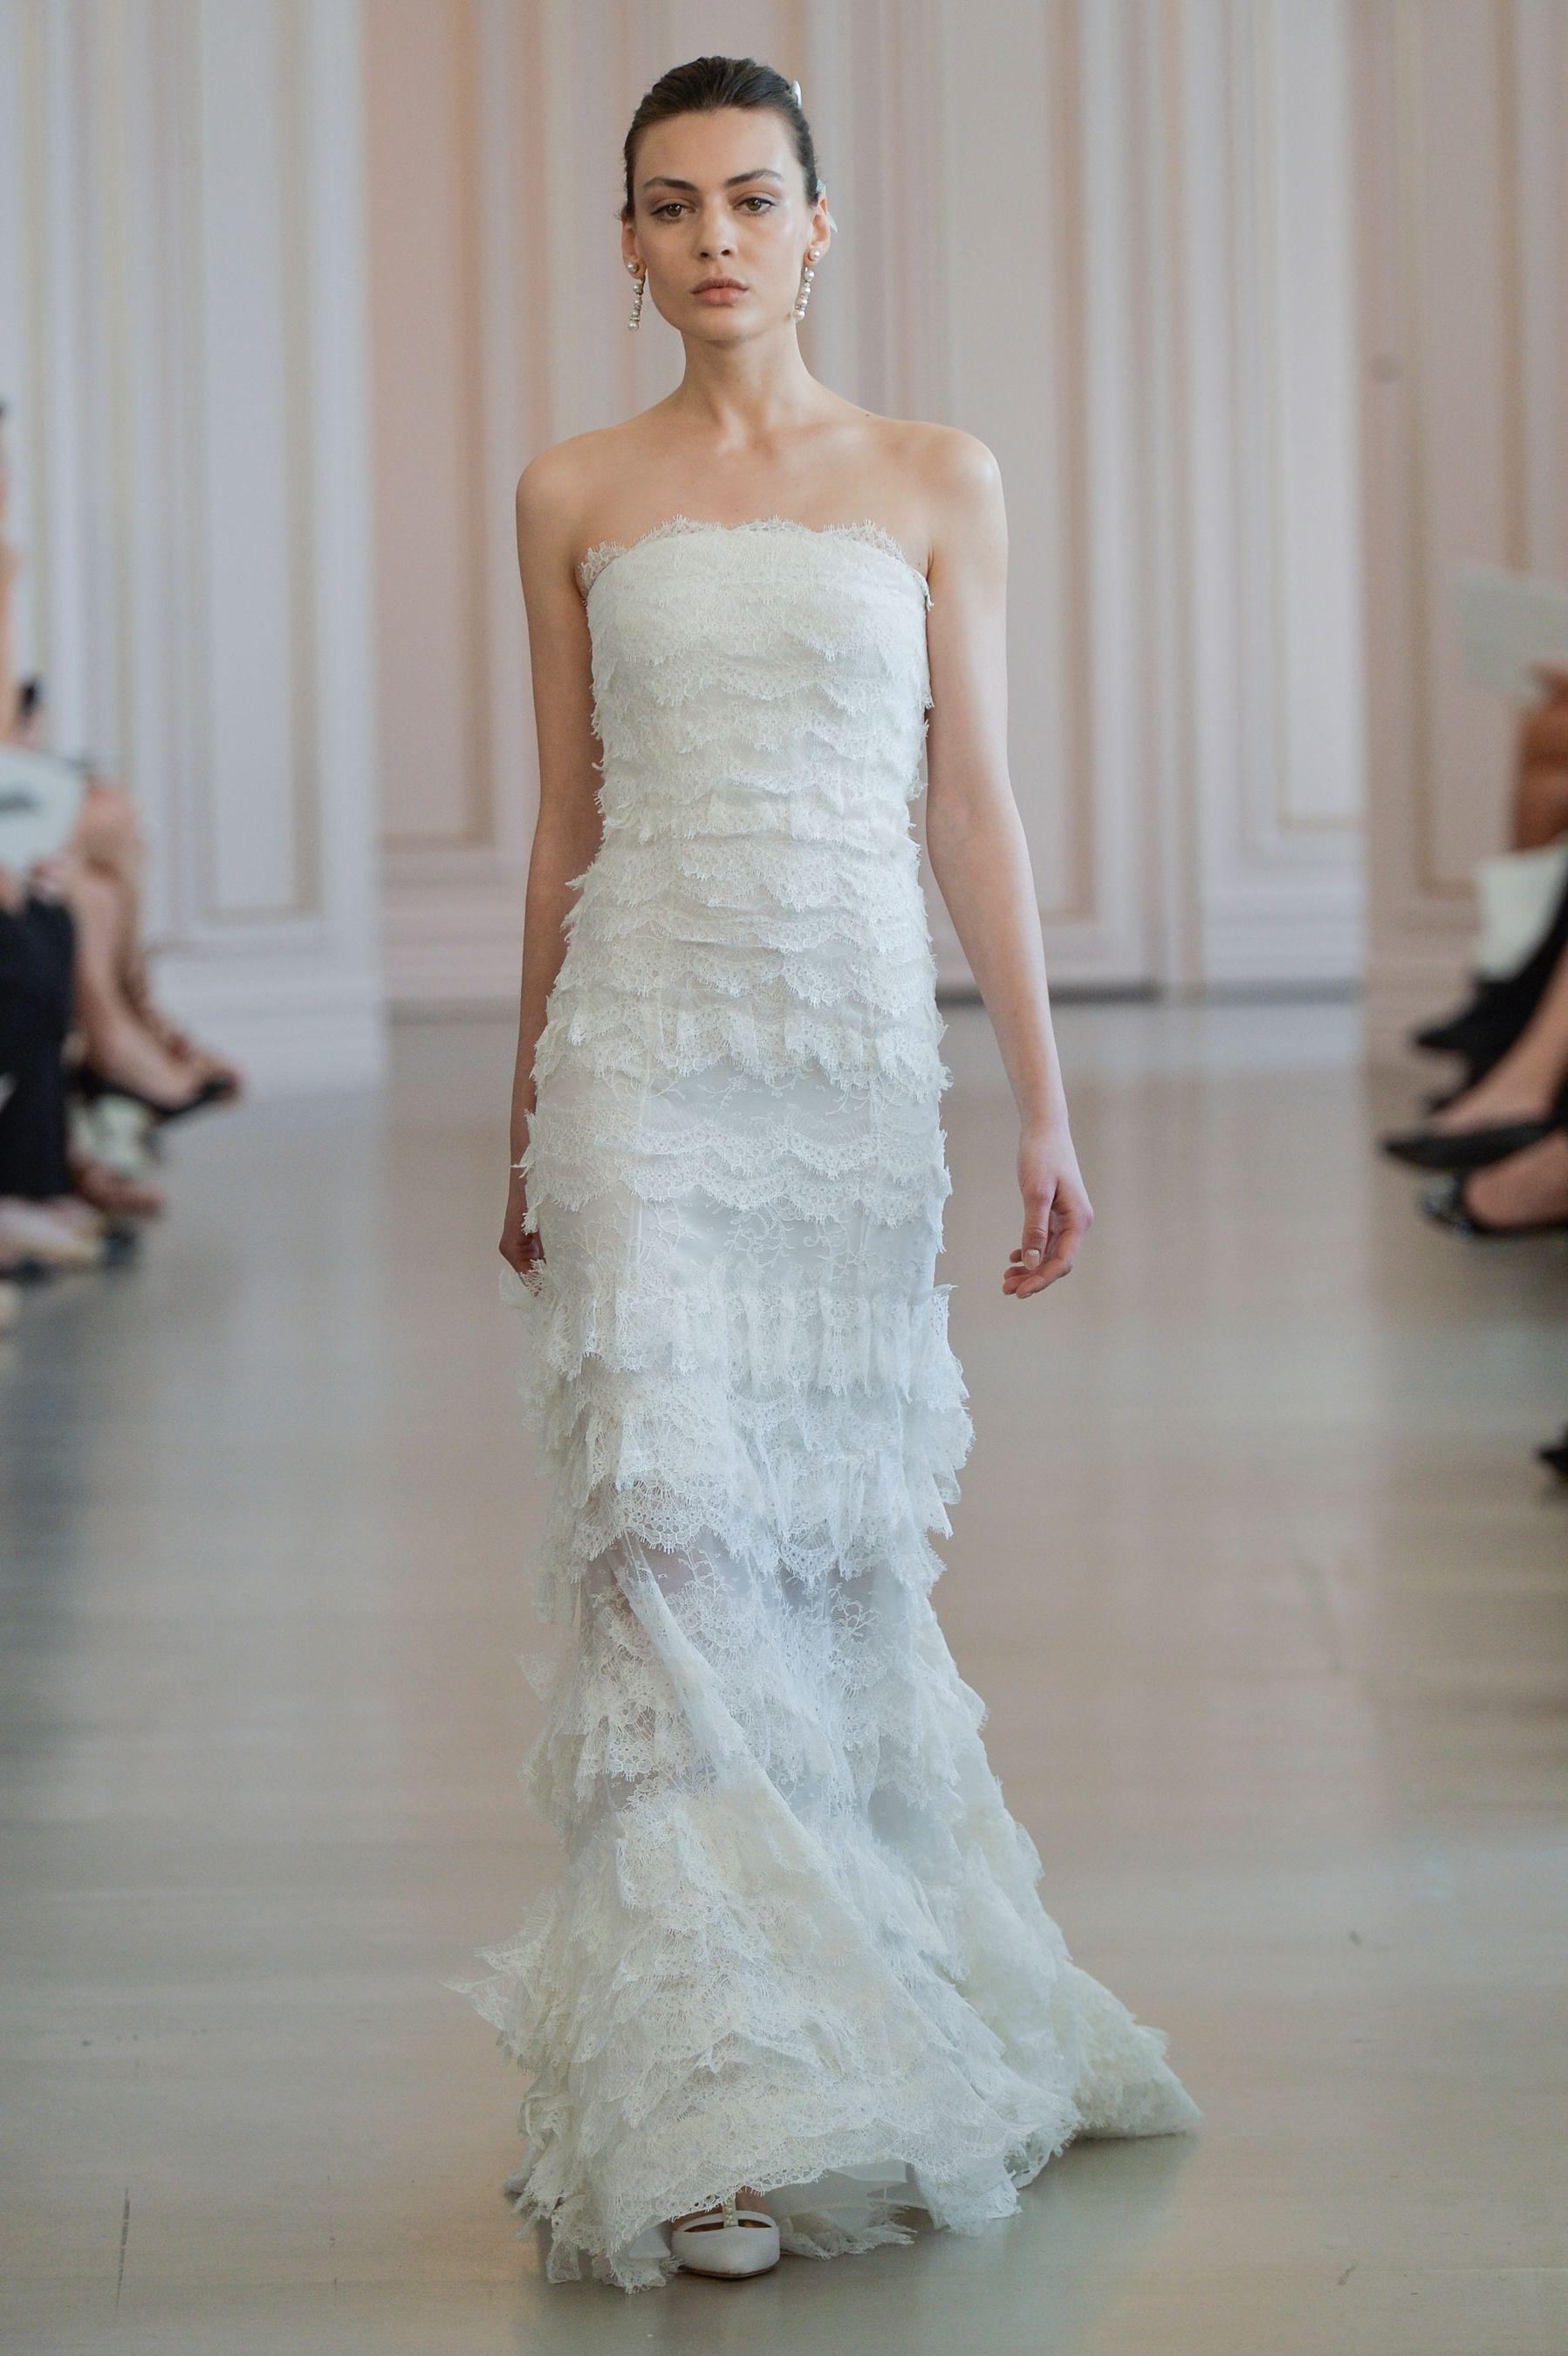 Wedding Dress Sfilate   Wedding Dress   Pinterest   Wedding dress ...